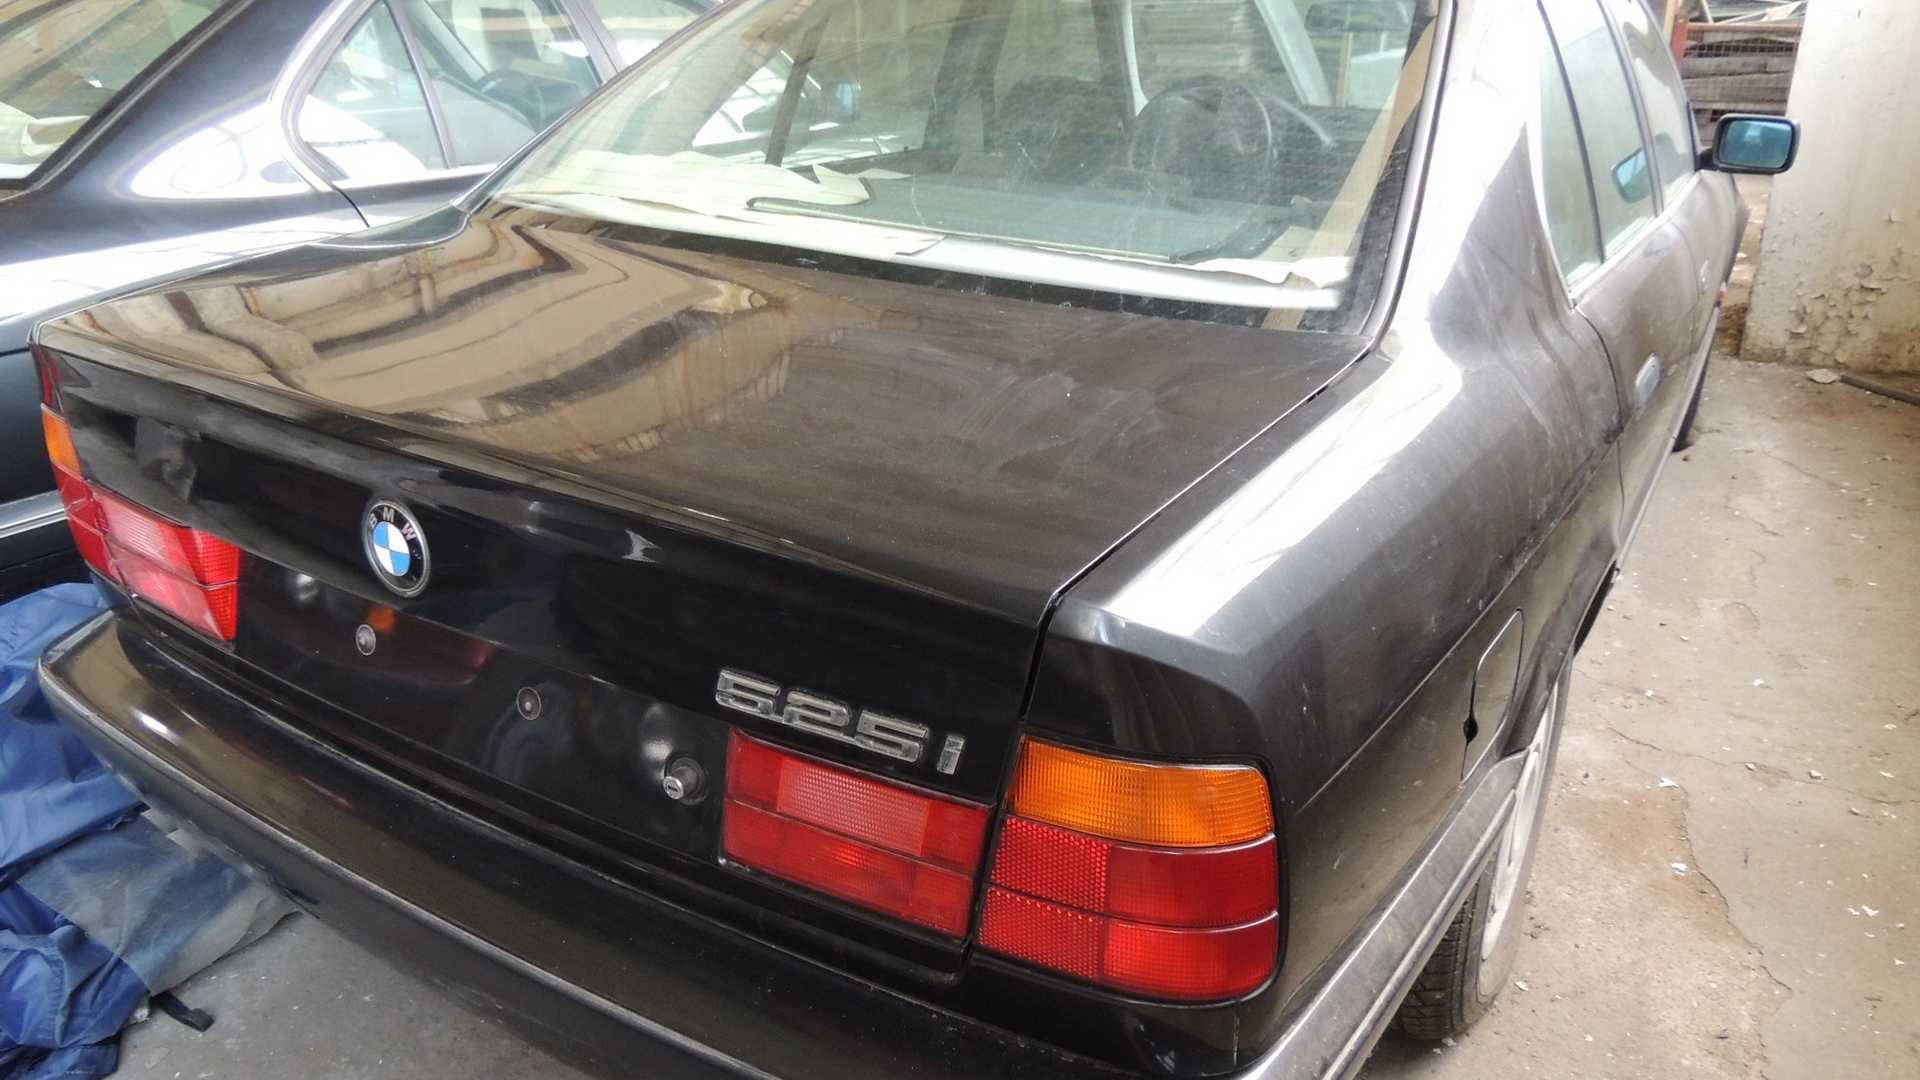 BMW 525i found